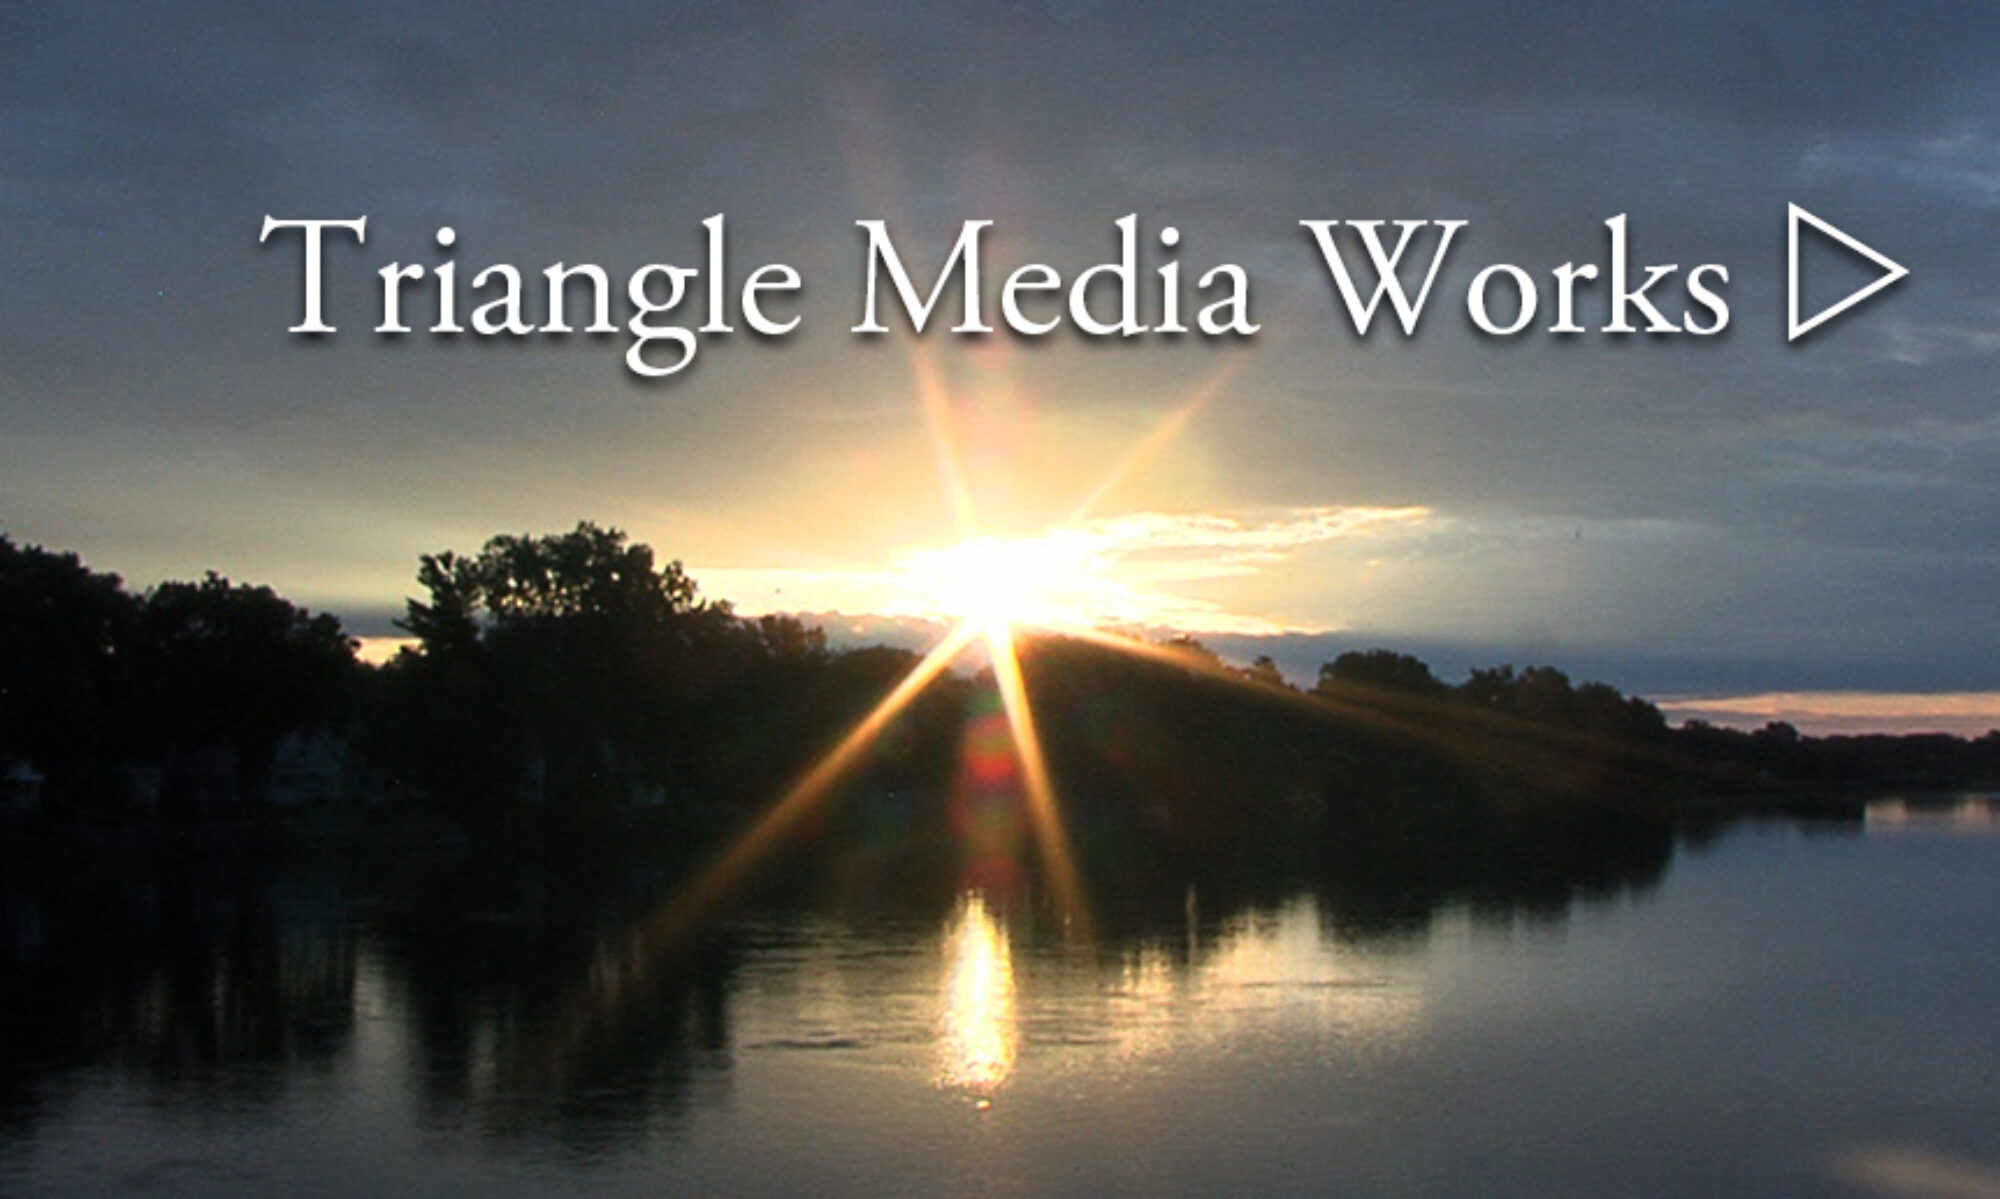 Triangle Media Works, LLC